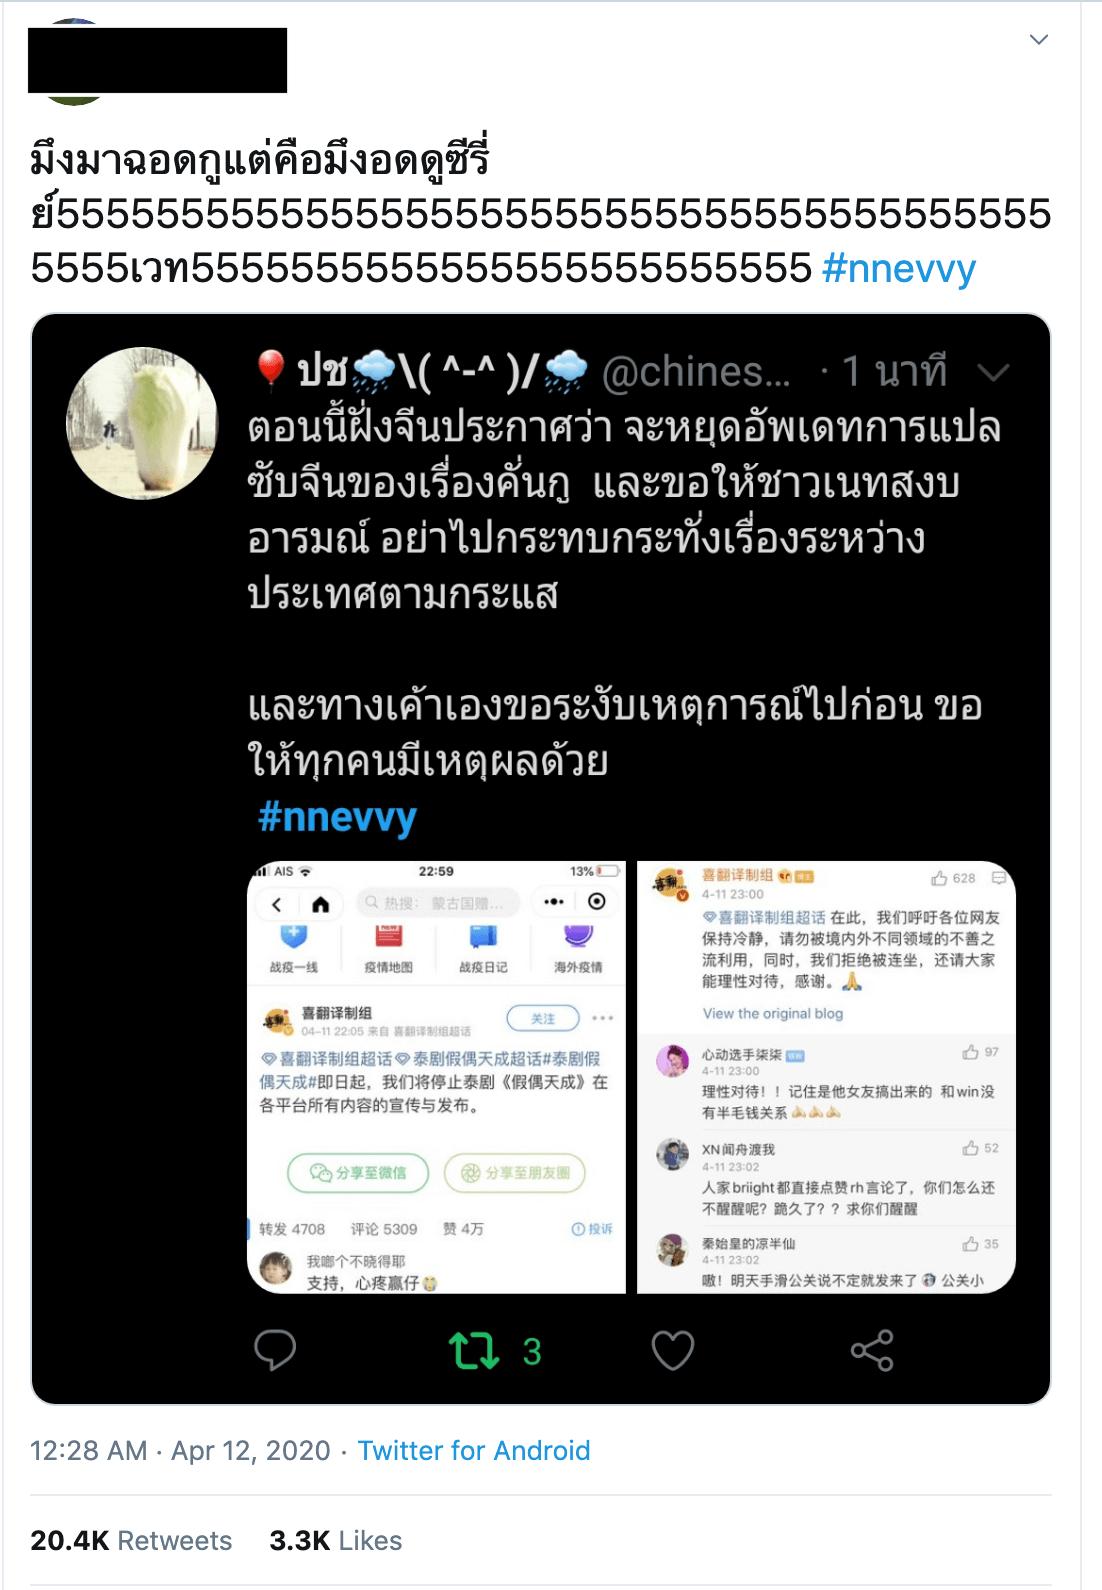 「#泰國辱華」曾經登上微博熱門熱尋榜,當局後來需要發出訊息為事情降溫。